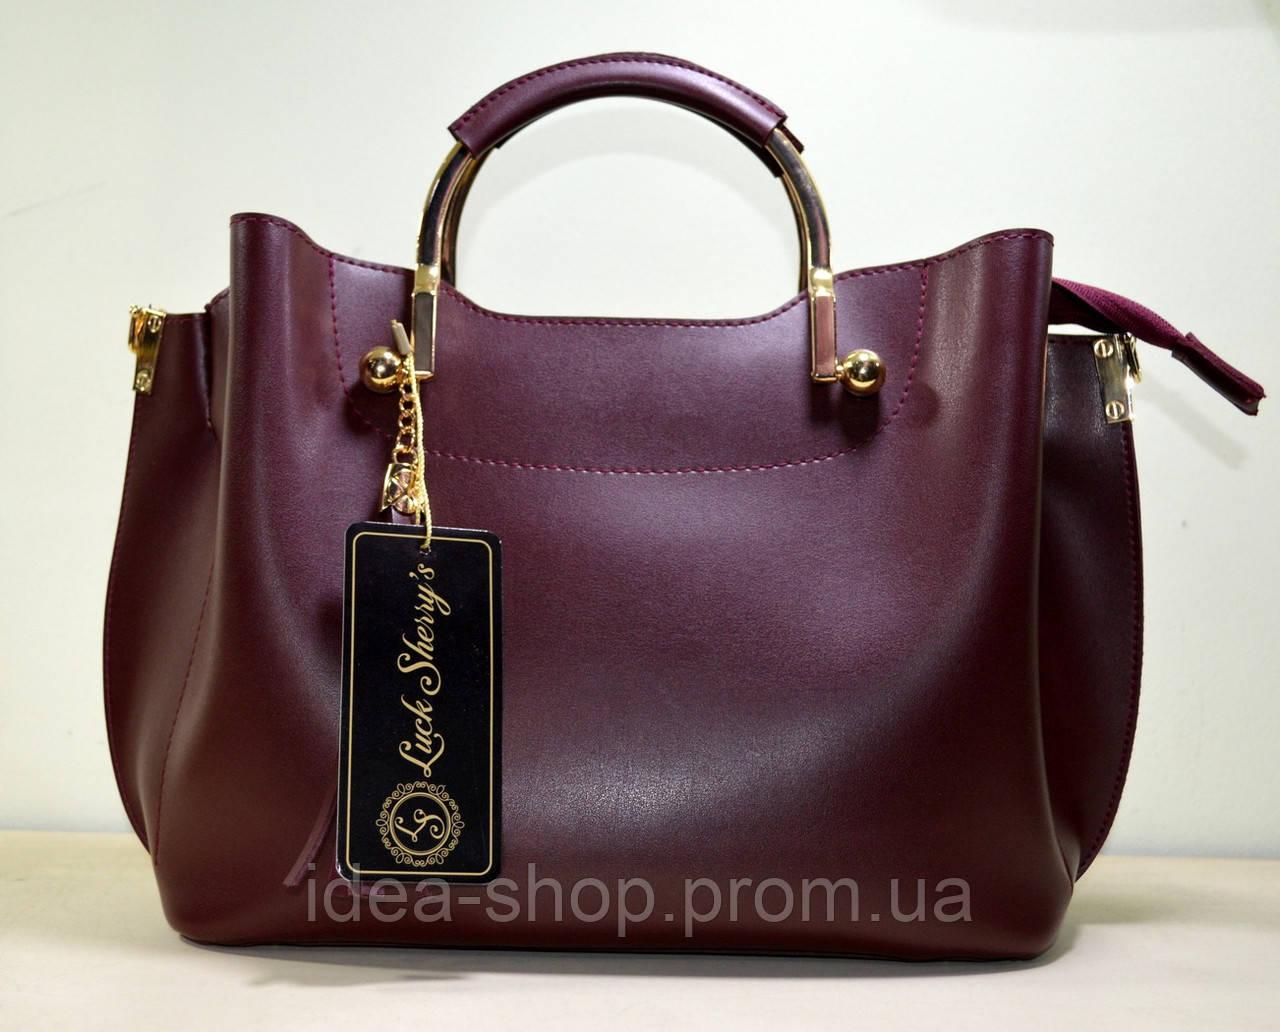 Модная сумка-шоппер из бордовой экокожи